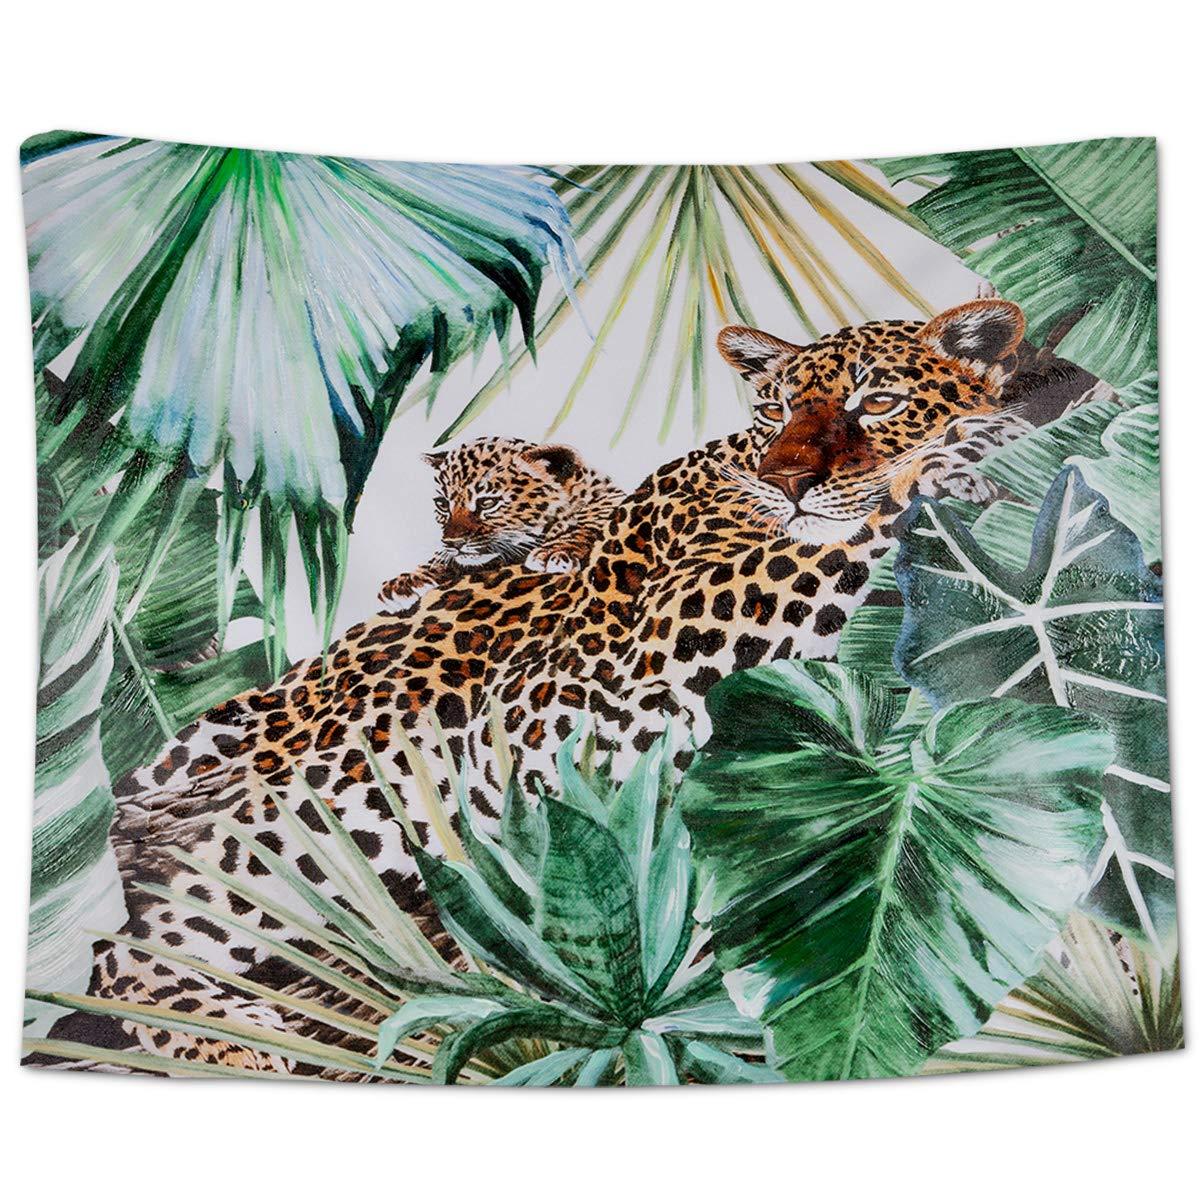 Africain Jungle Tropicale Animaux mur tapisserie picnic plage Drap Couvre-lit décor